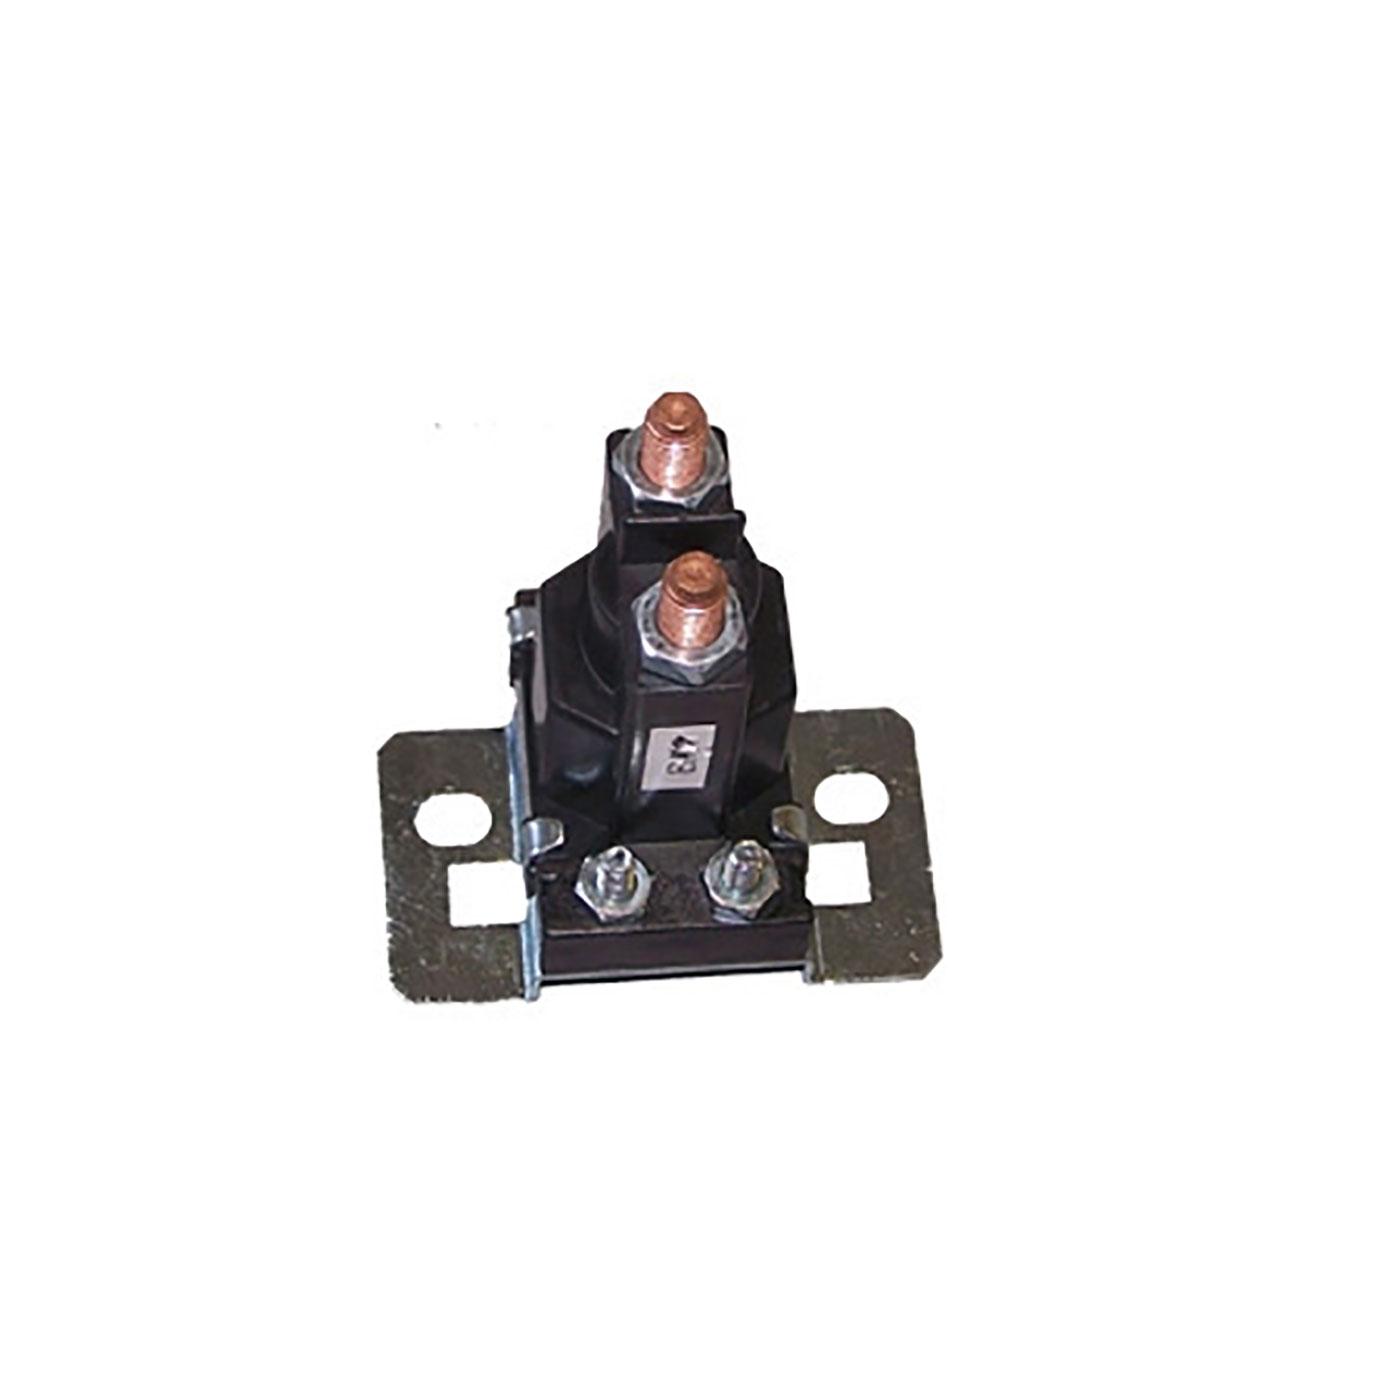 Motor Relay Solenoid (Fisher)